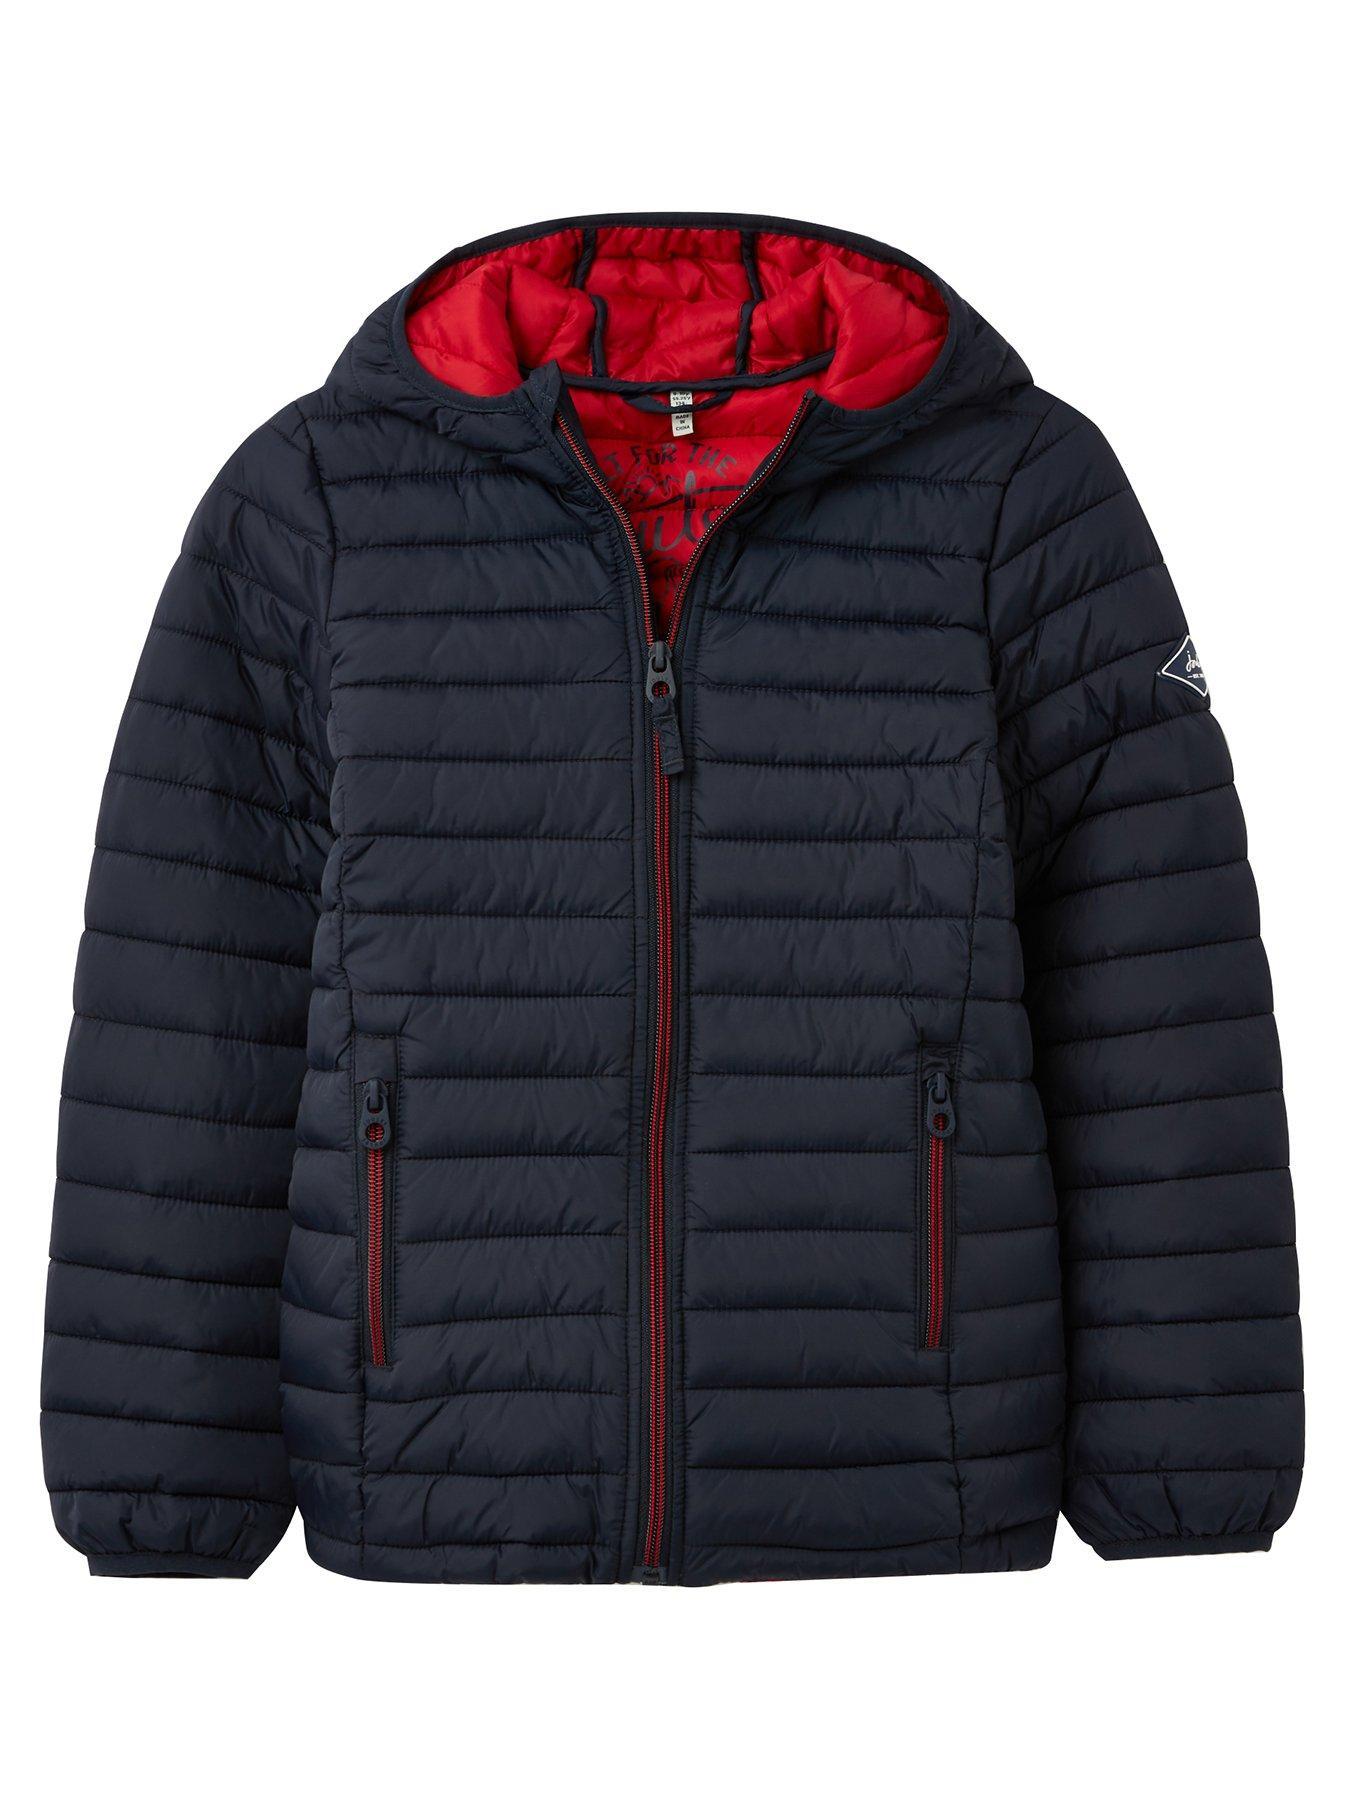 Joules Boys Cairn Packaway Coat